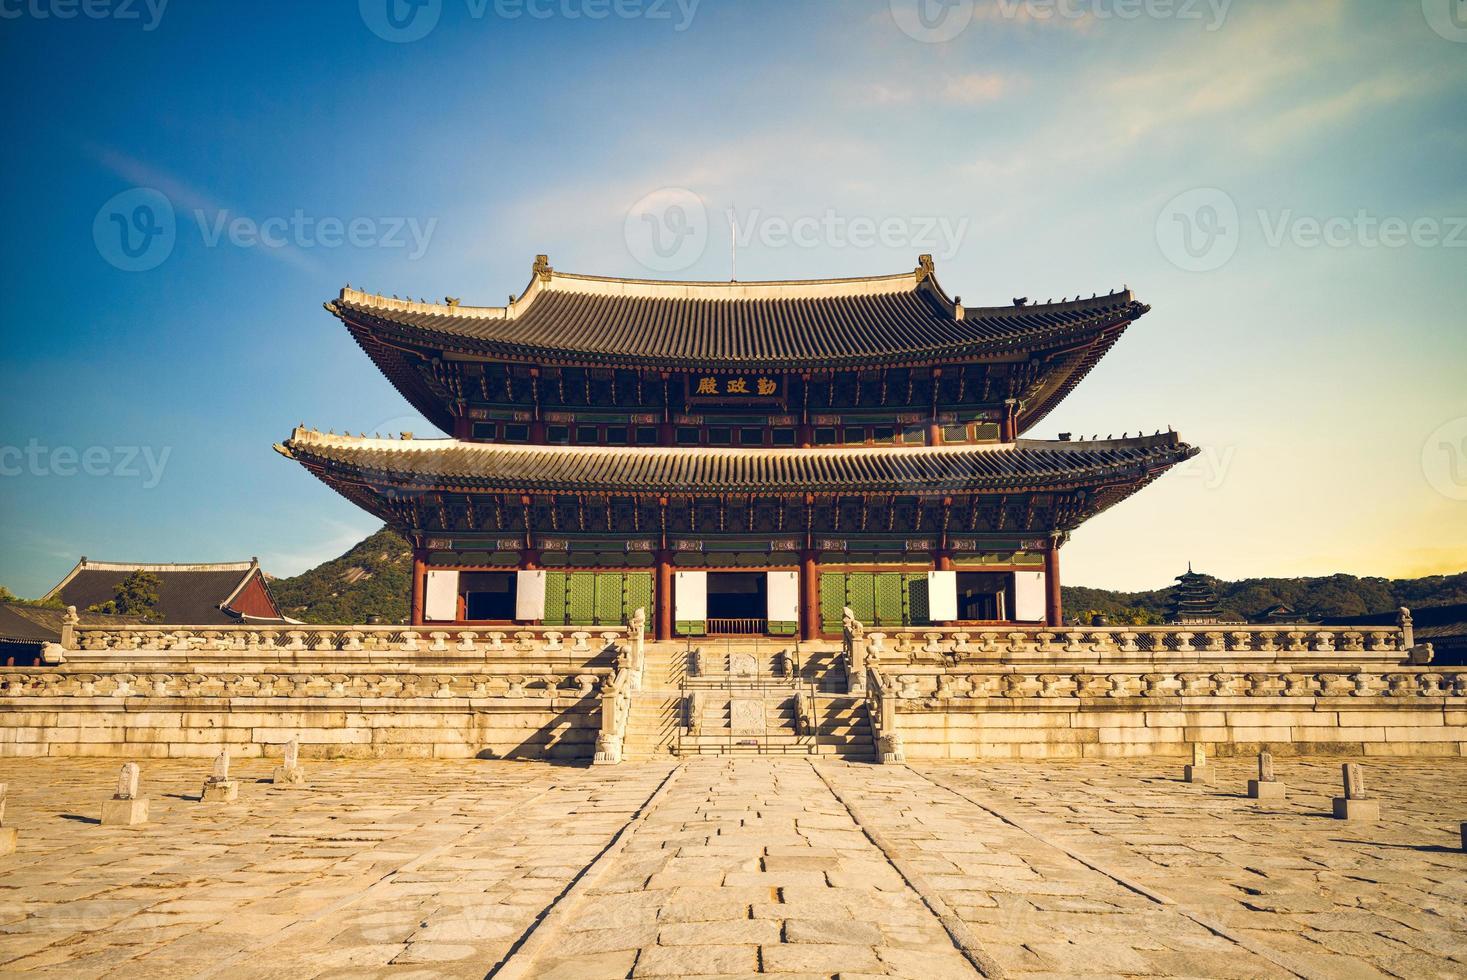 geunjeongjeon, salón del trono principal de gyeongbokgung en seúl, corea del sur foto